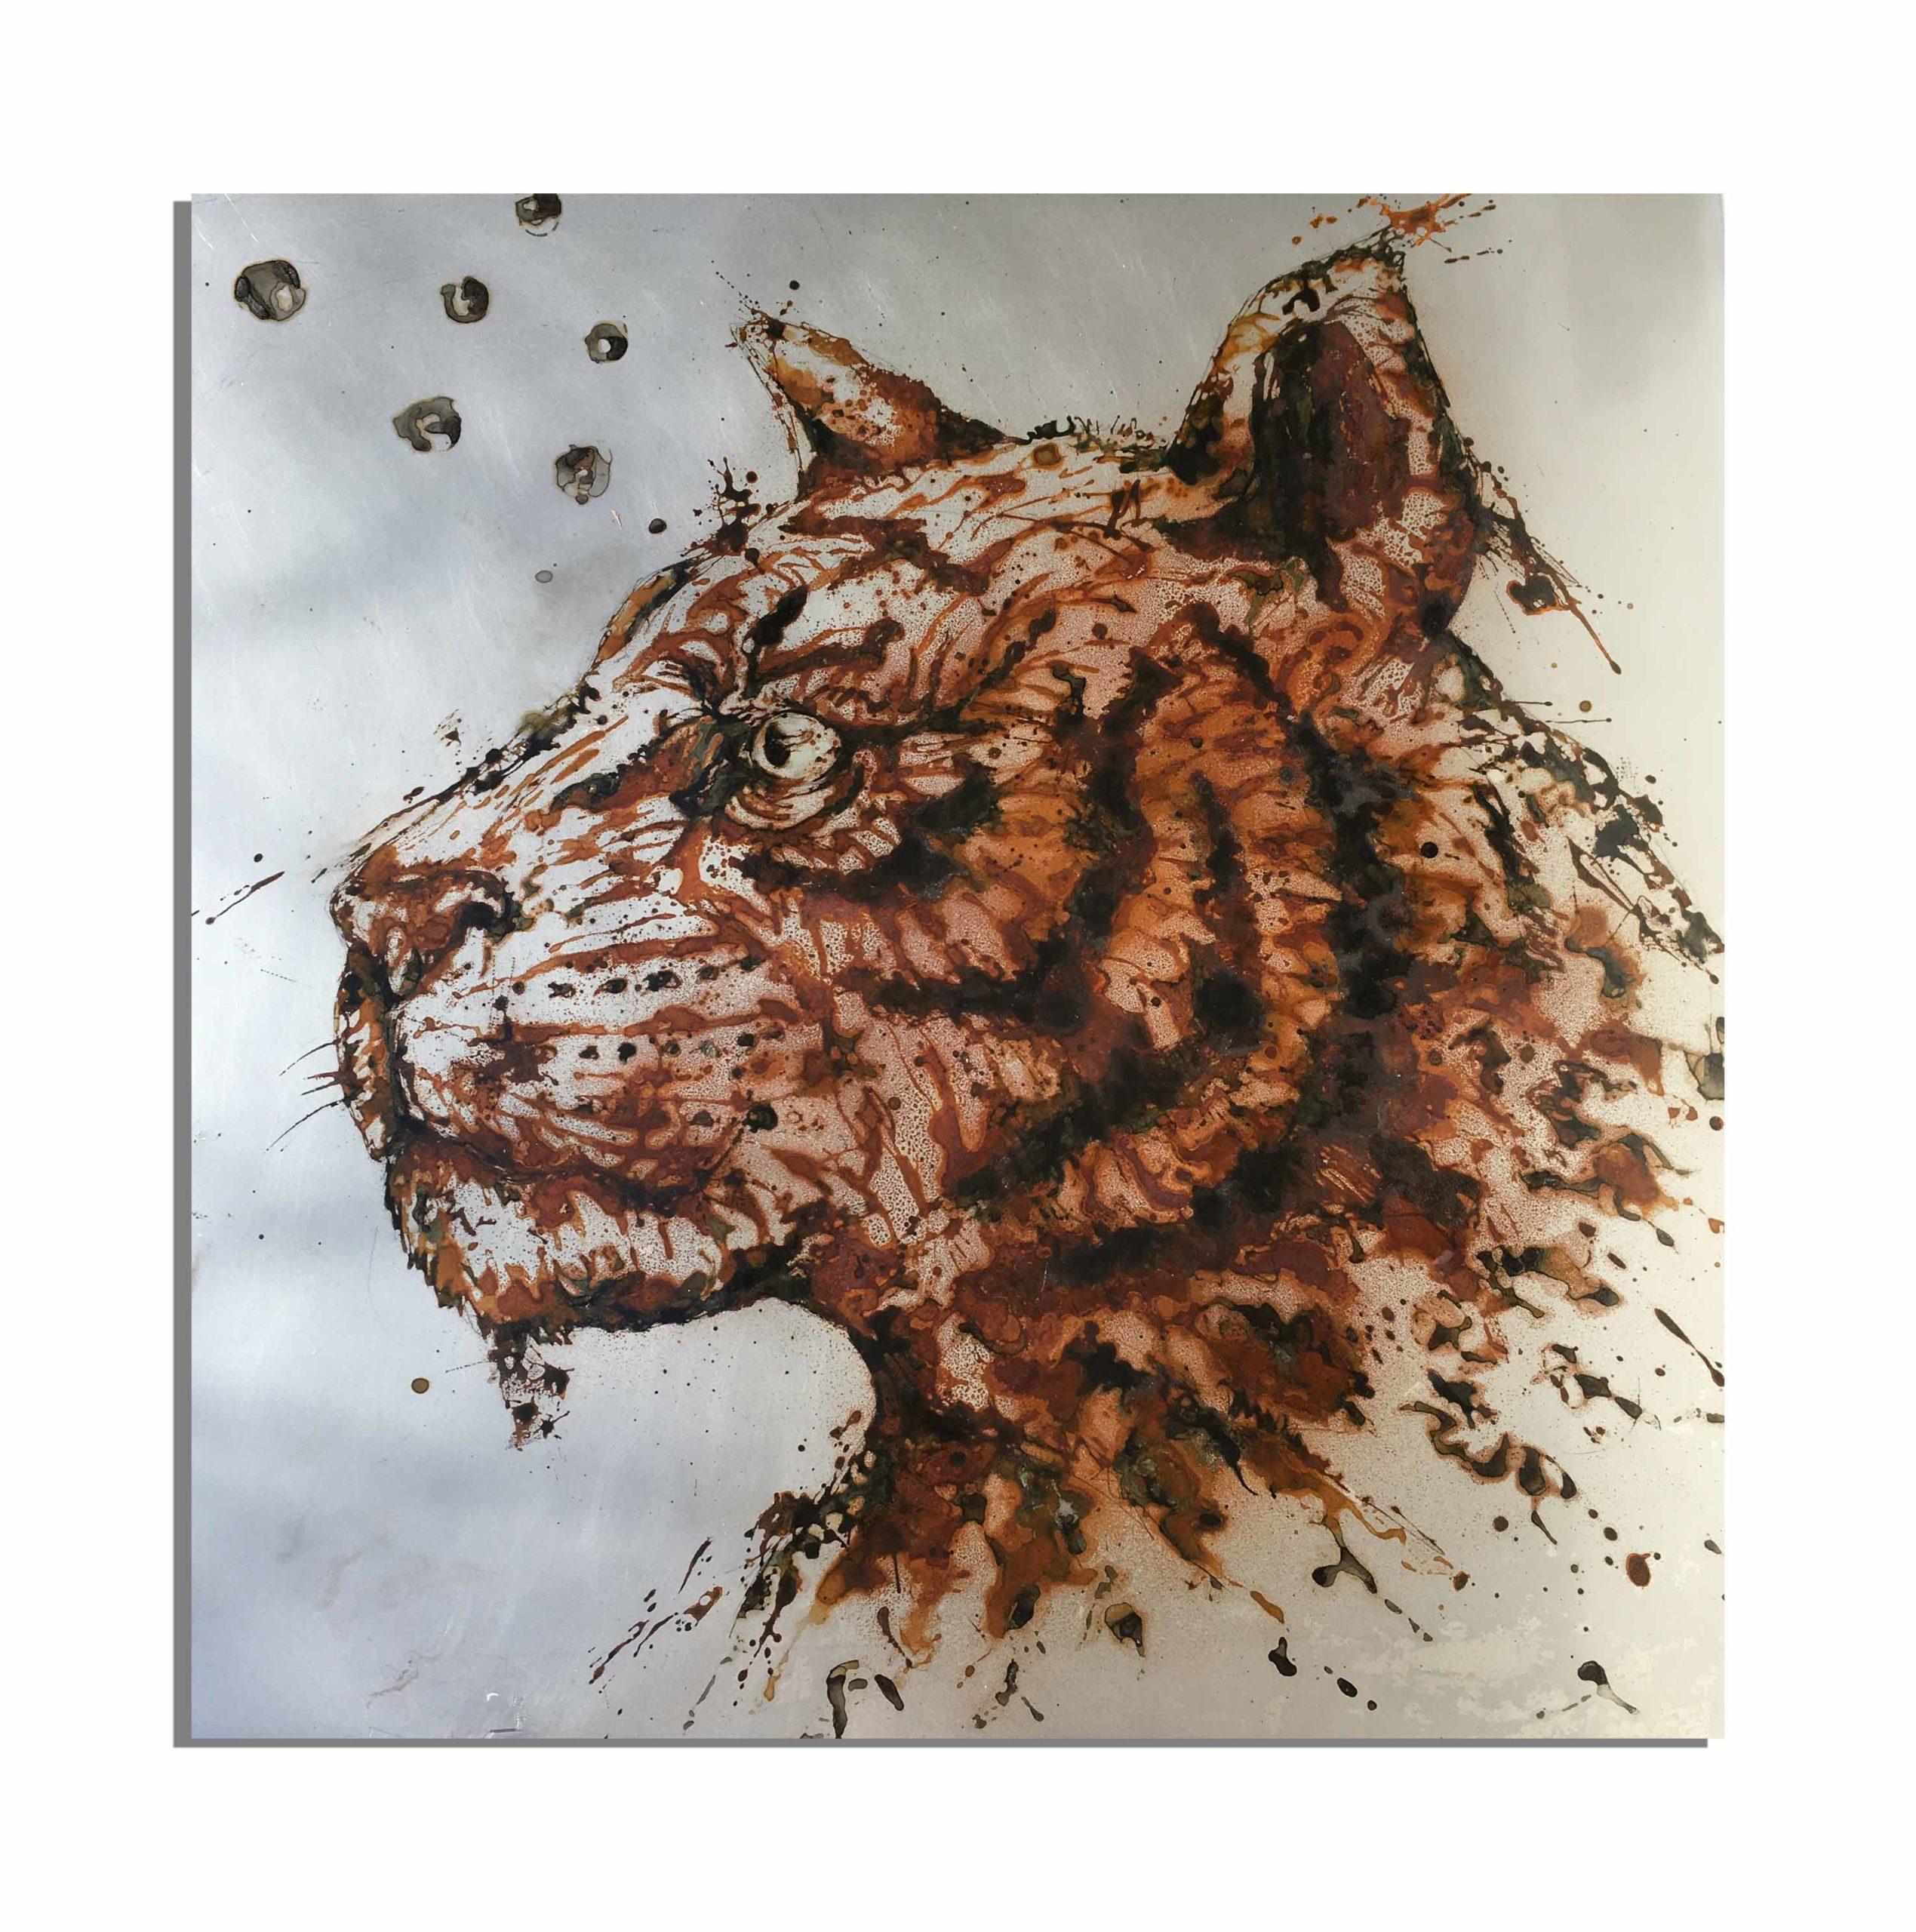 70x70 - tigre de rouille - vinaigre et eau du lac sacré d'Udaïpur (Rajhastan, Inde), projet Water Is Life, Christophe Monteil, Art 4 nature